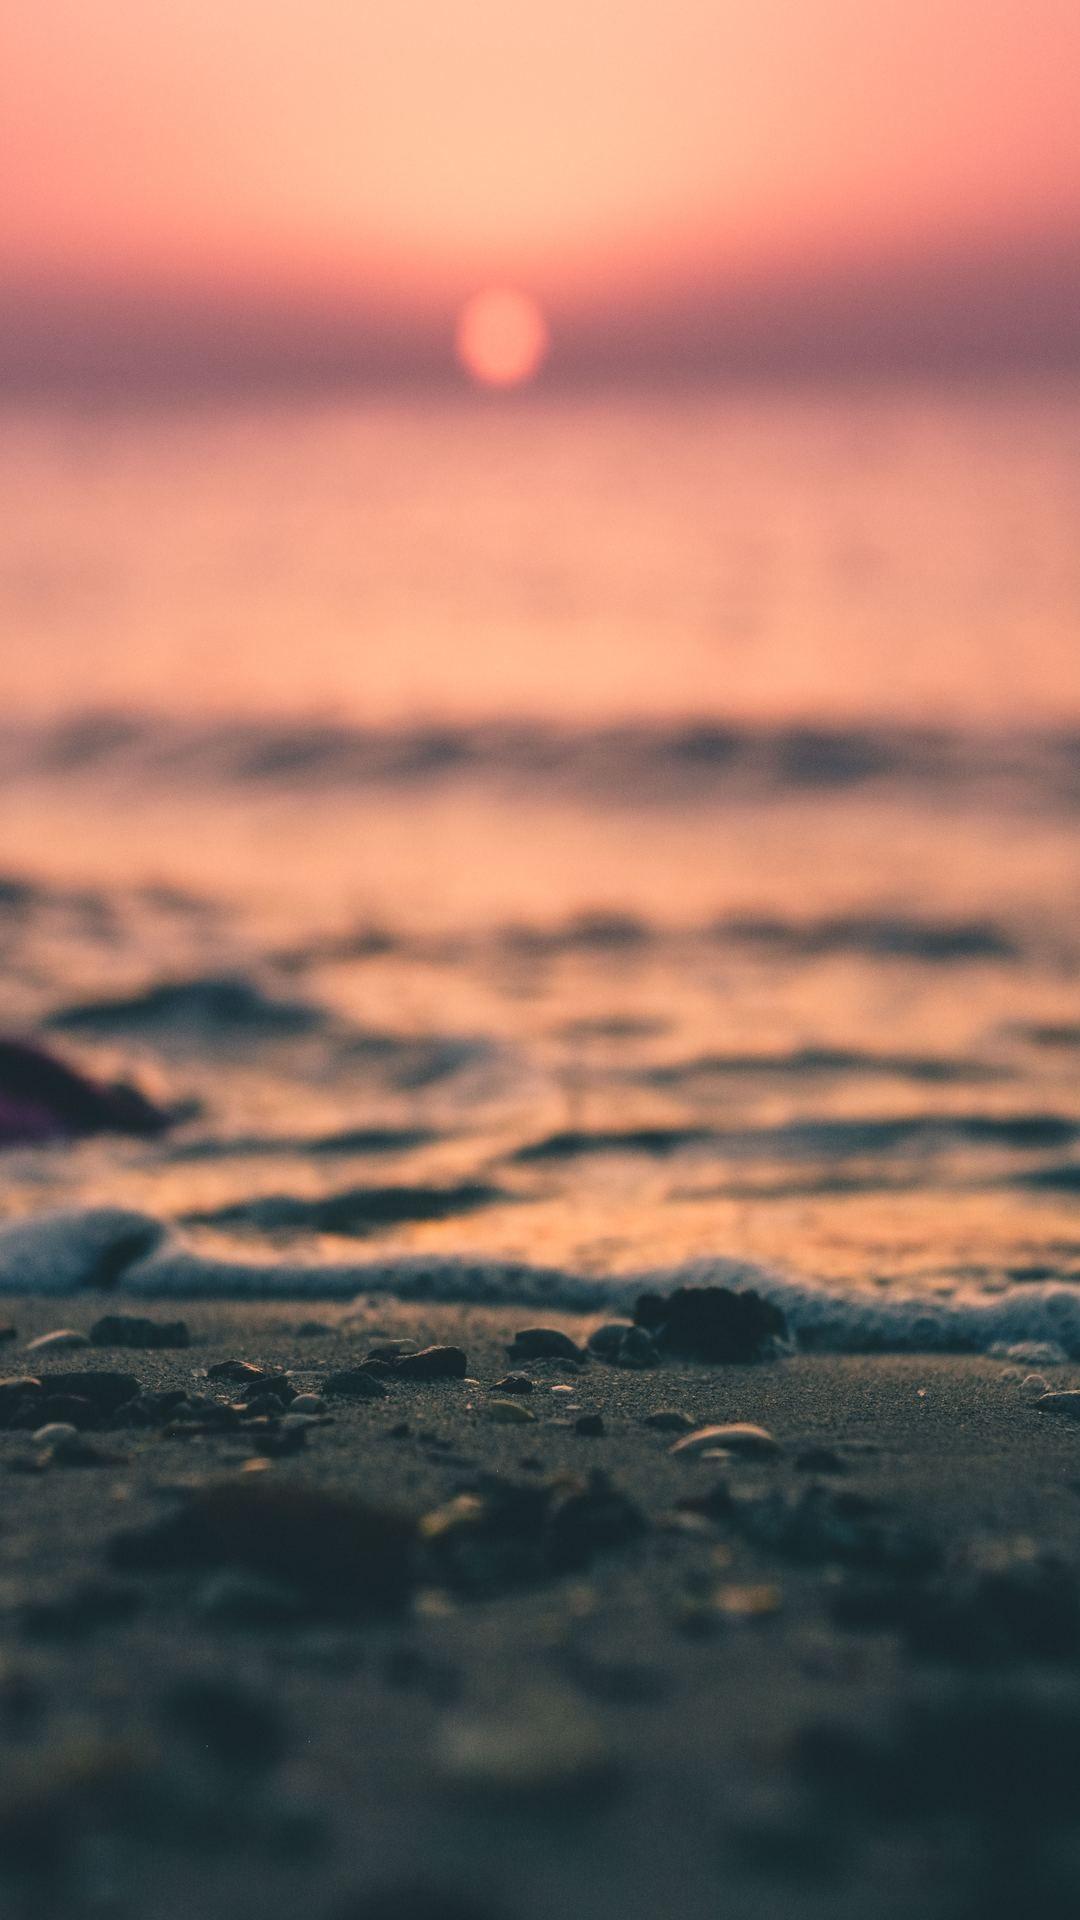 خلفيات ايفون مطر مع الغروب Hd Plains Pictures Sunset Photography Background Images For Quotes